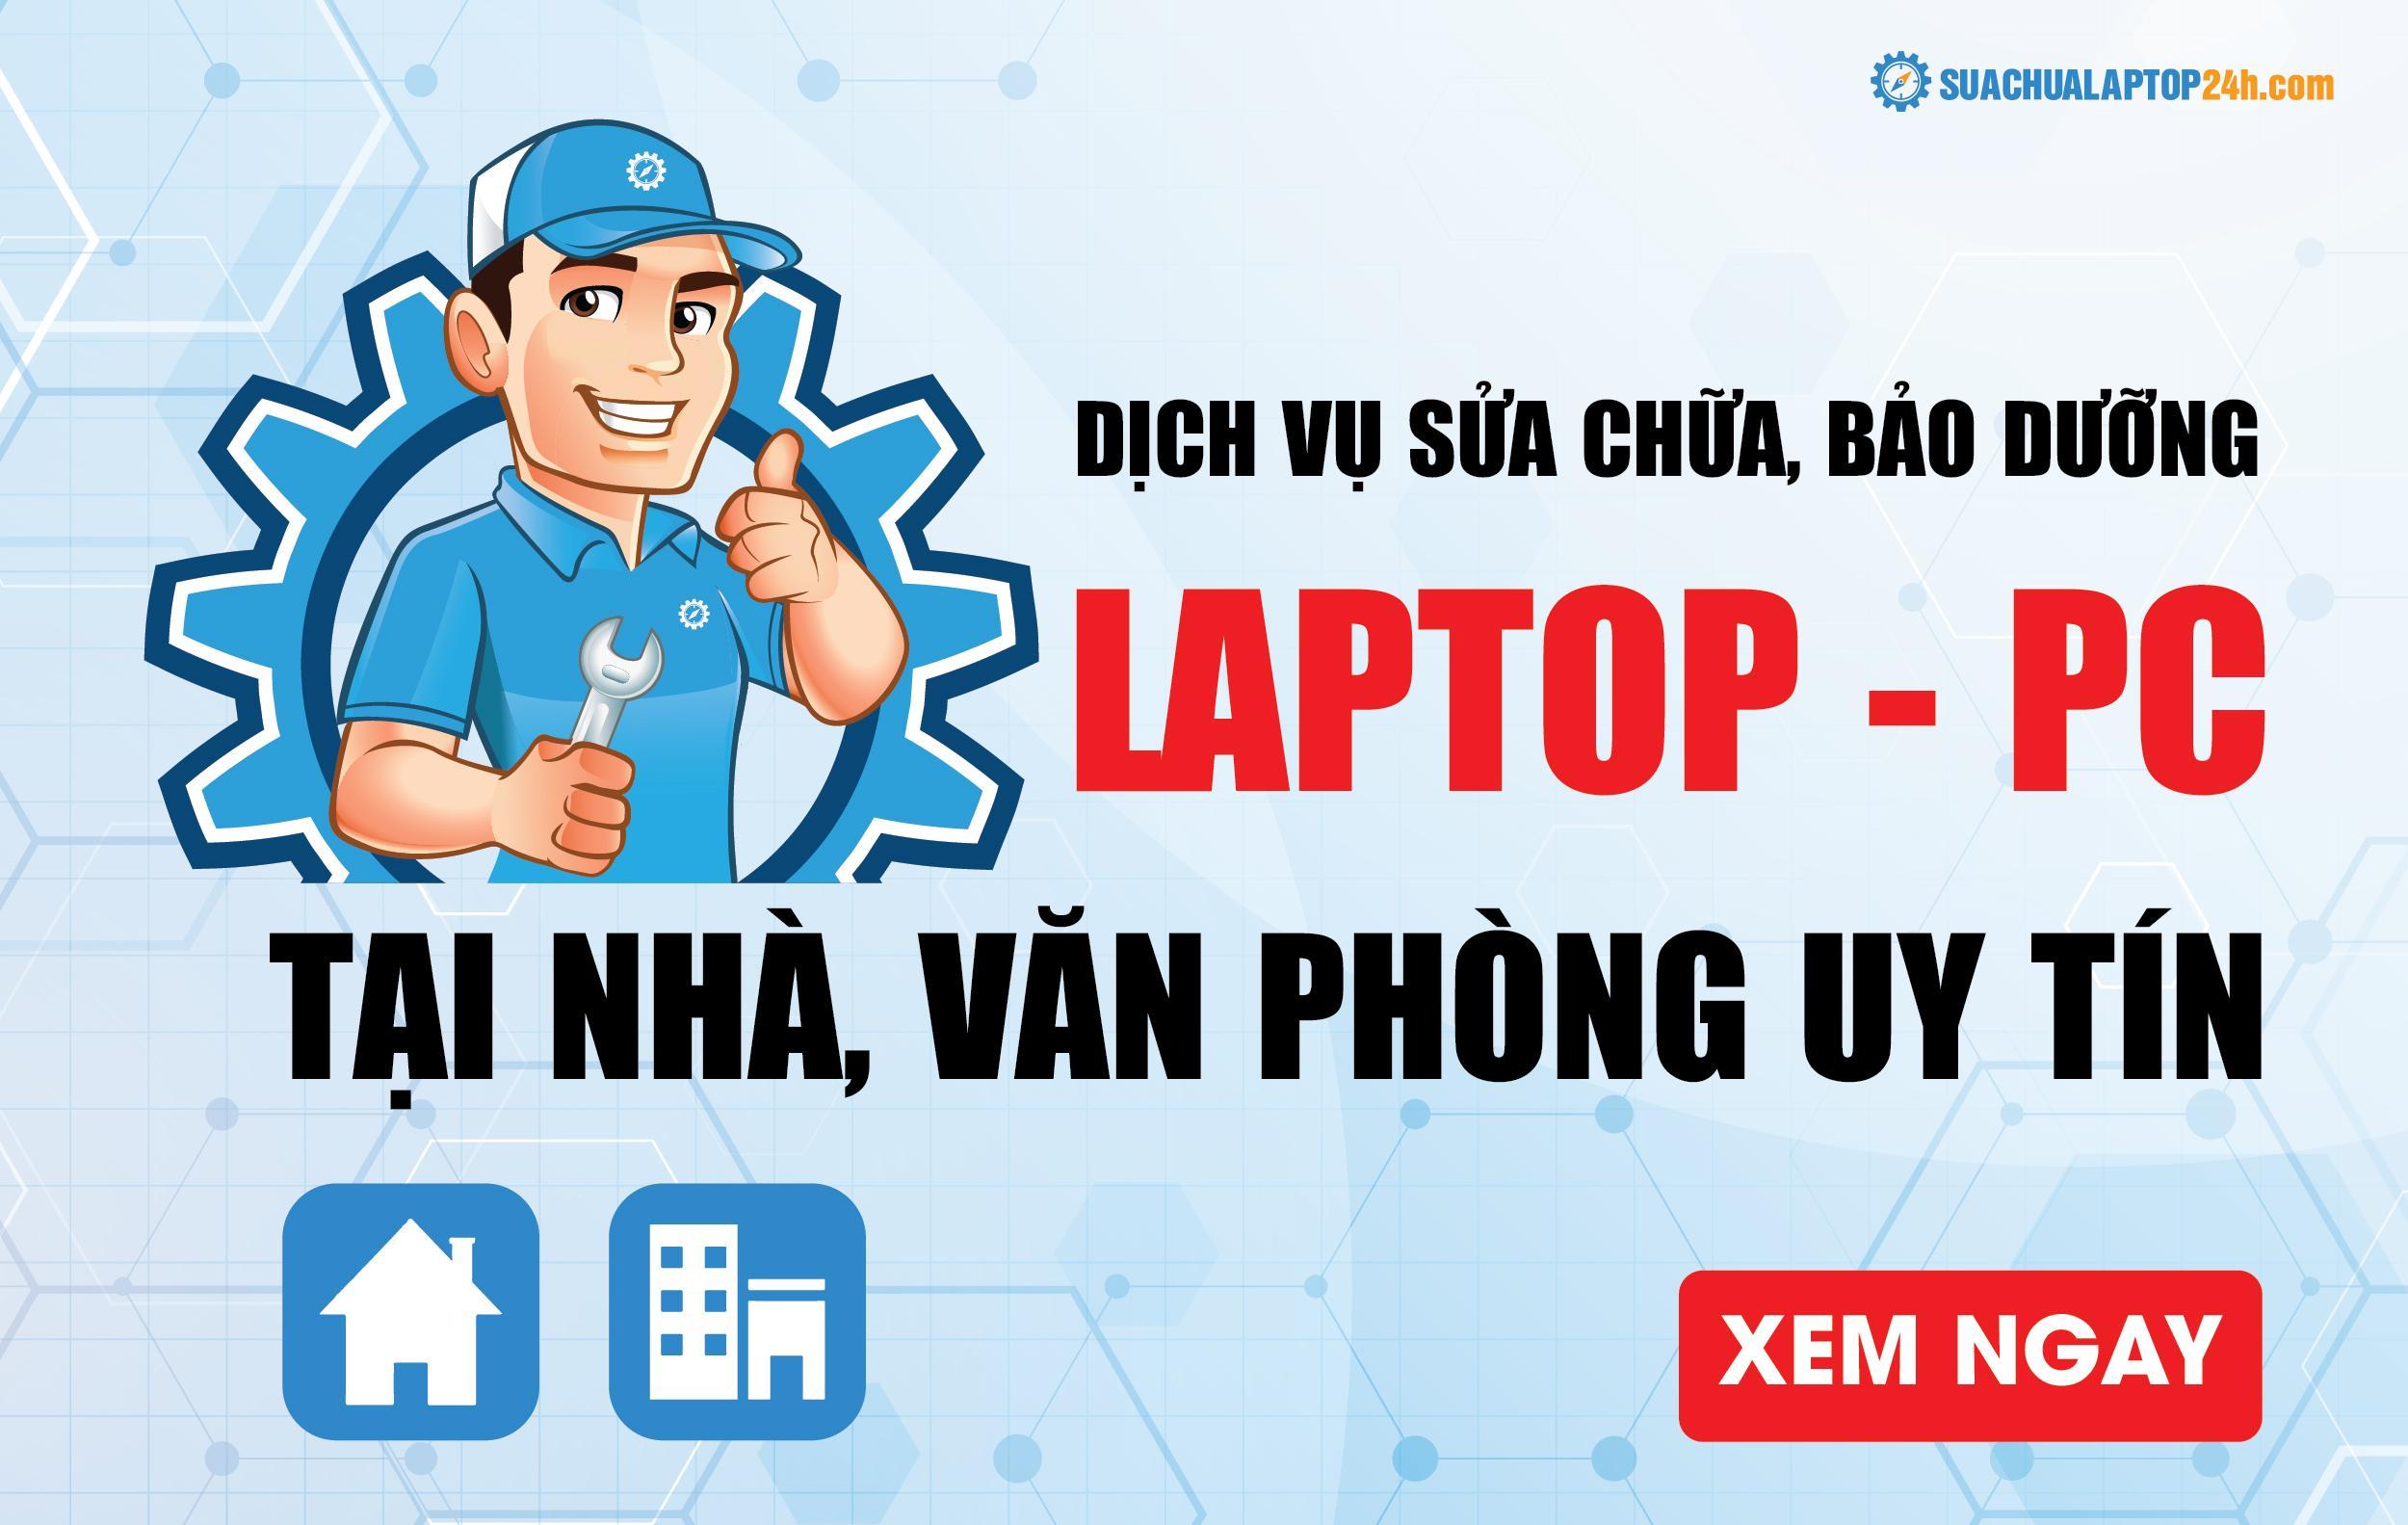 sửa laptop tại nhà và văn phòng